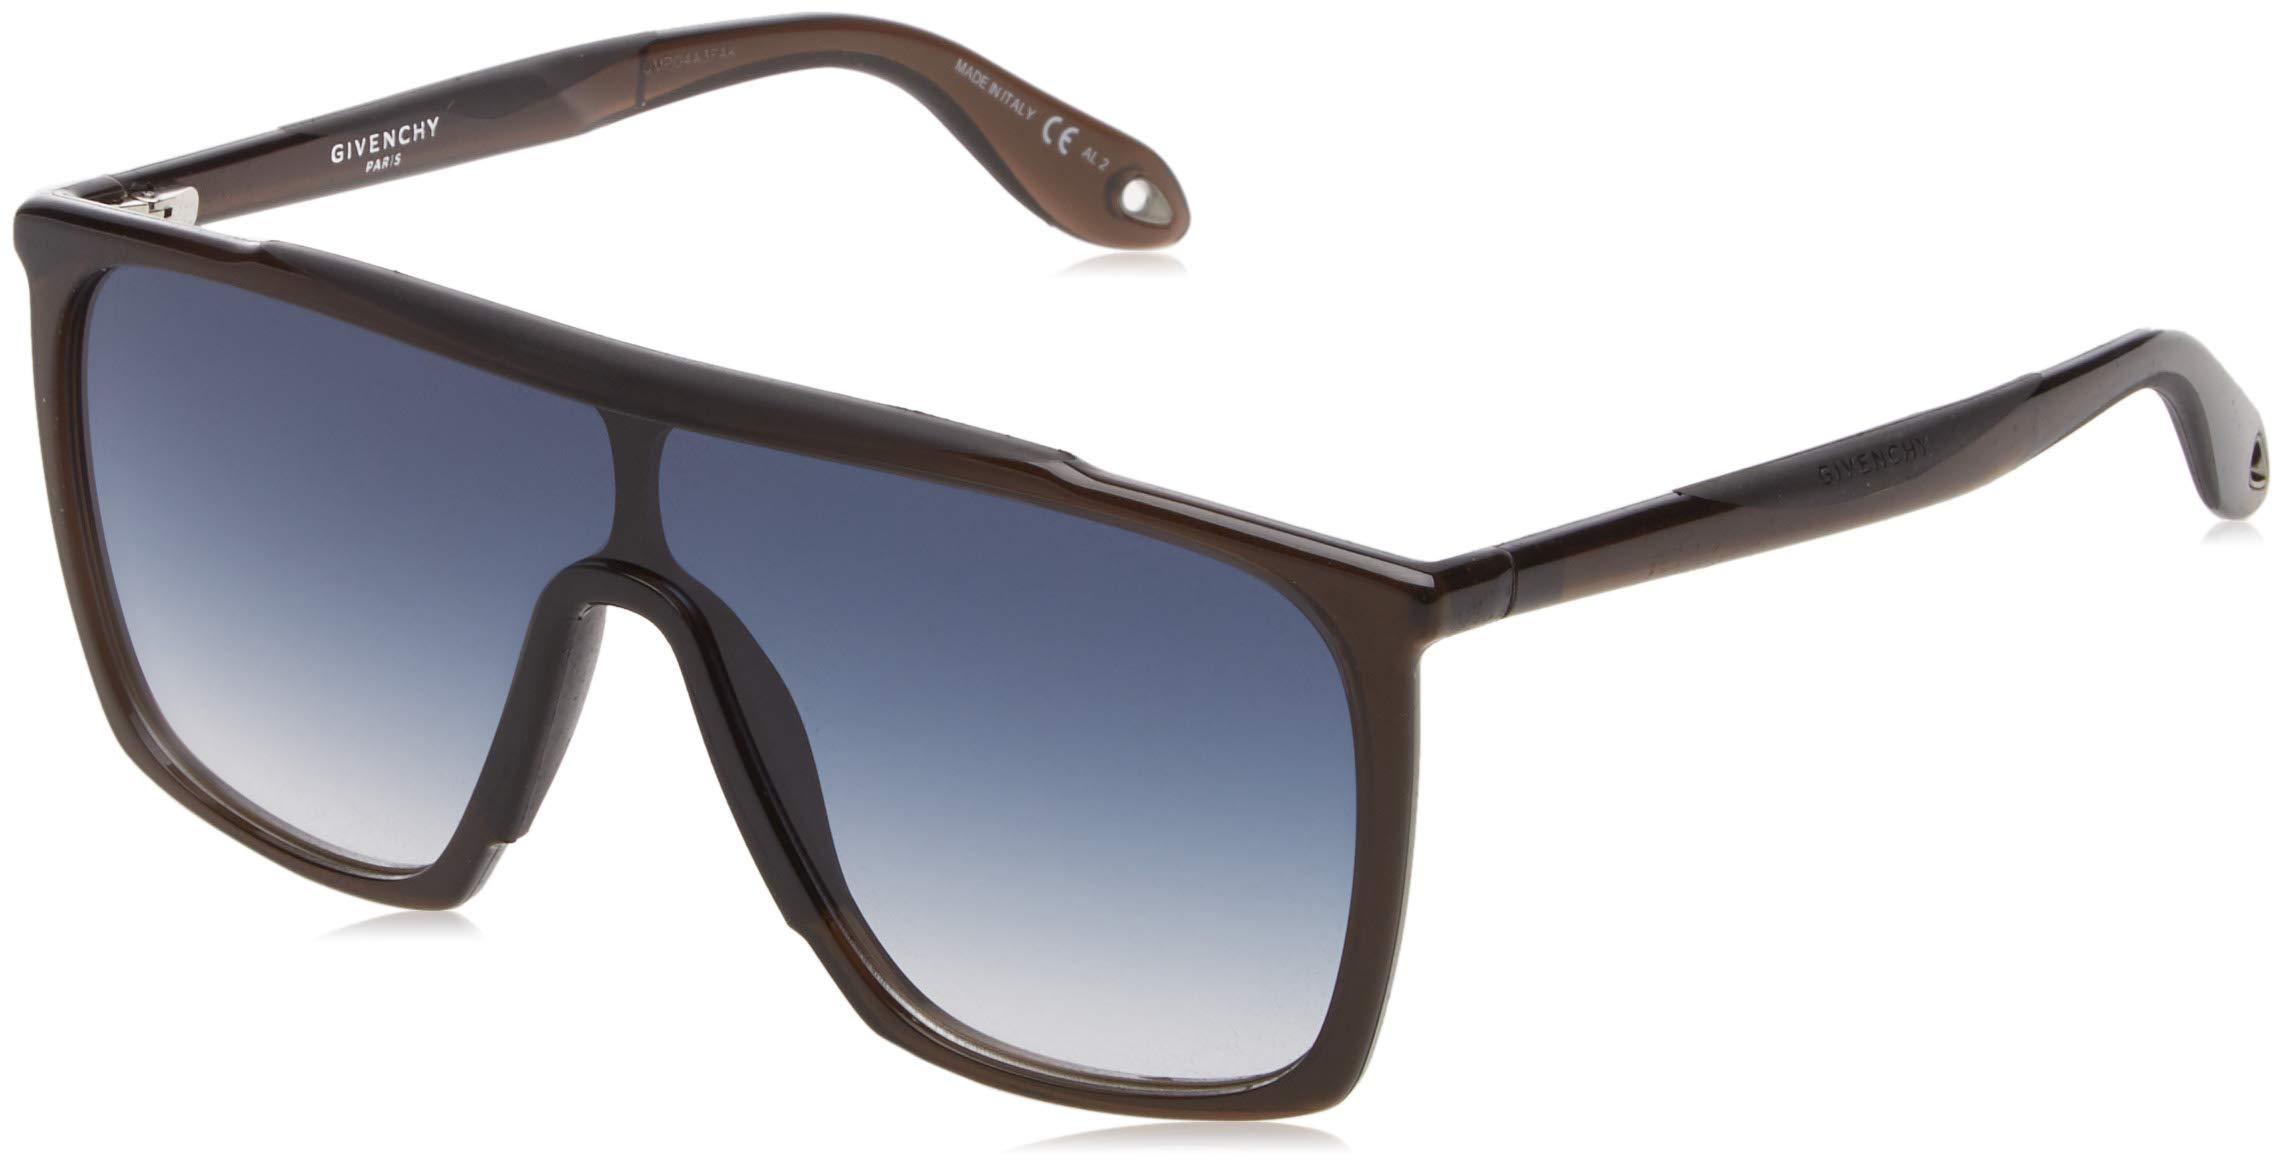 It Montures Givenchy Gv 99 blueHomme s Tir LunettesMarronbrown De Black 7040 uK3FT15lJc